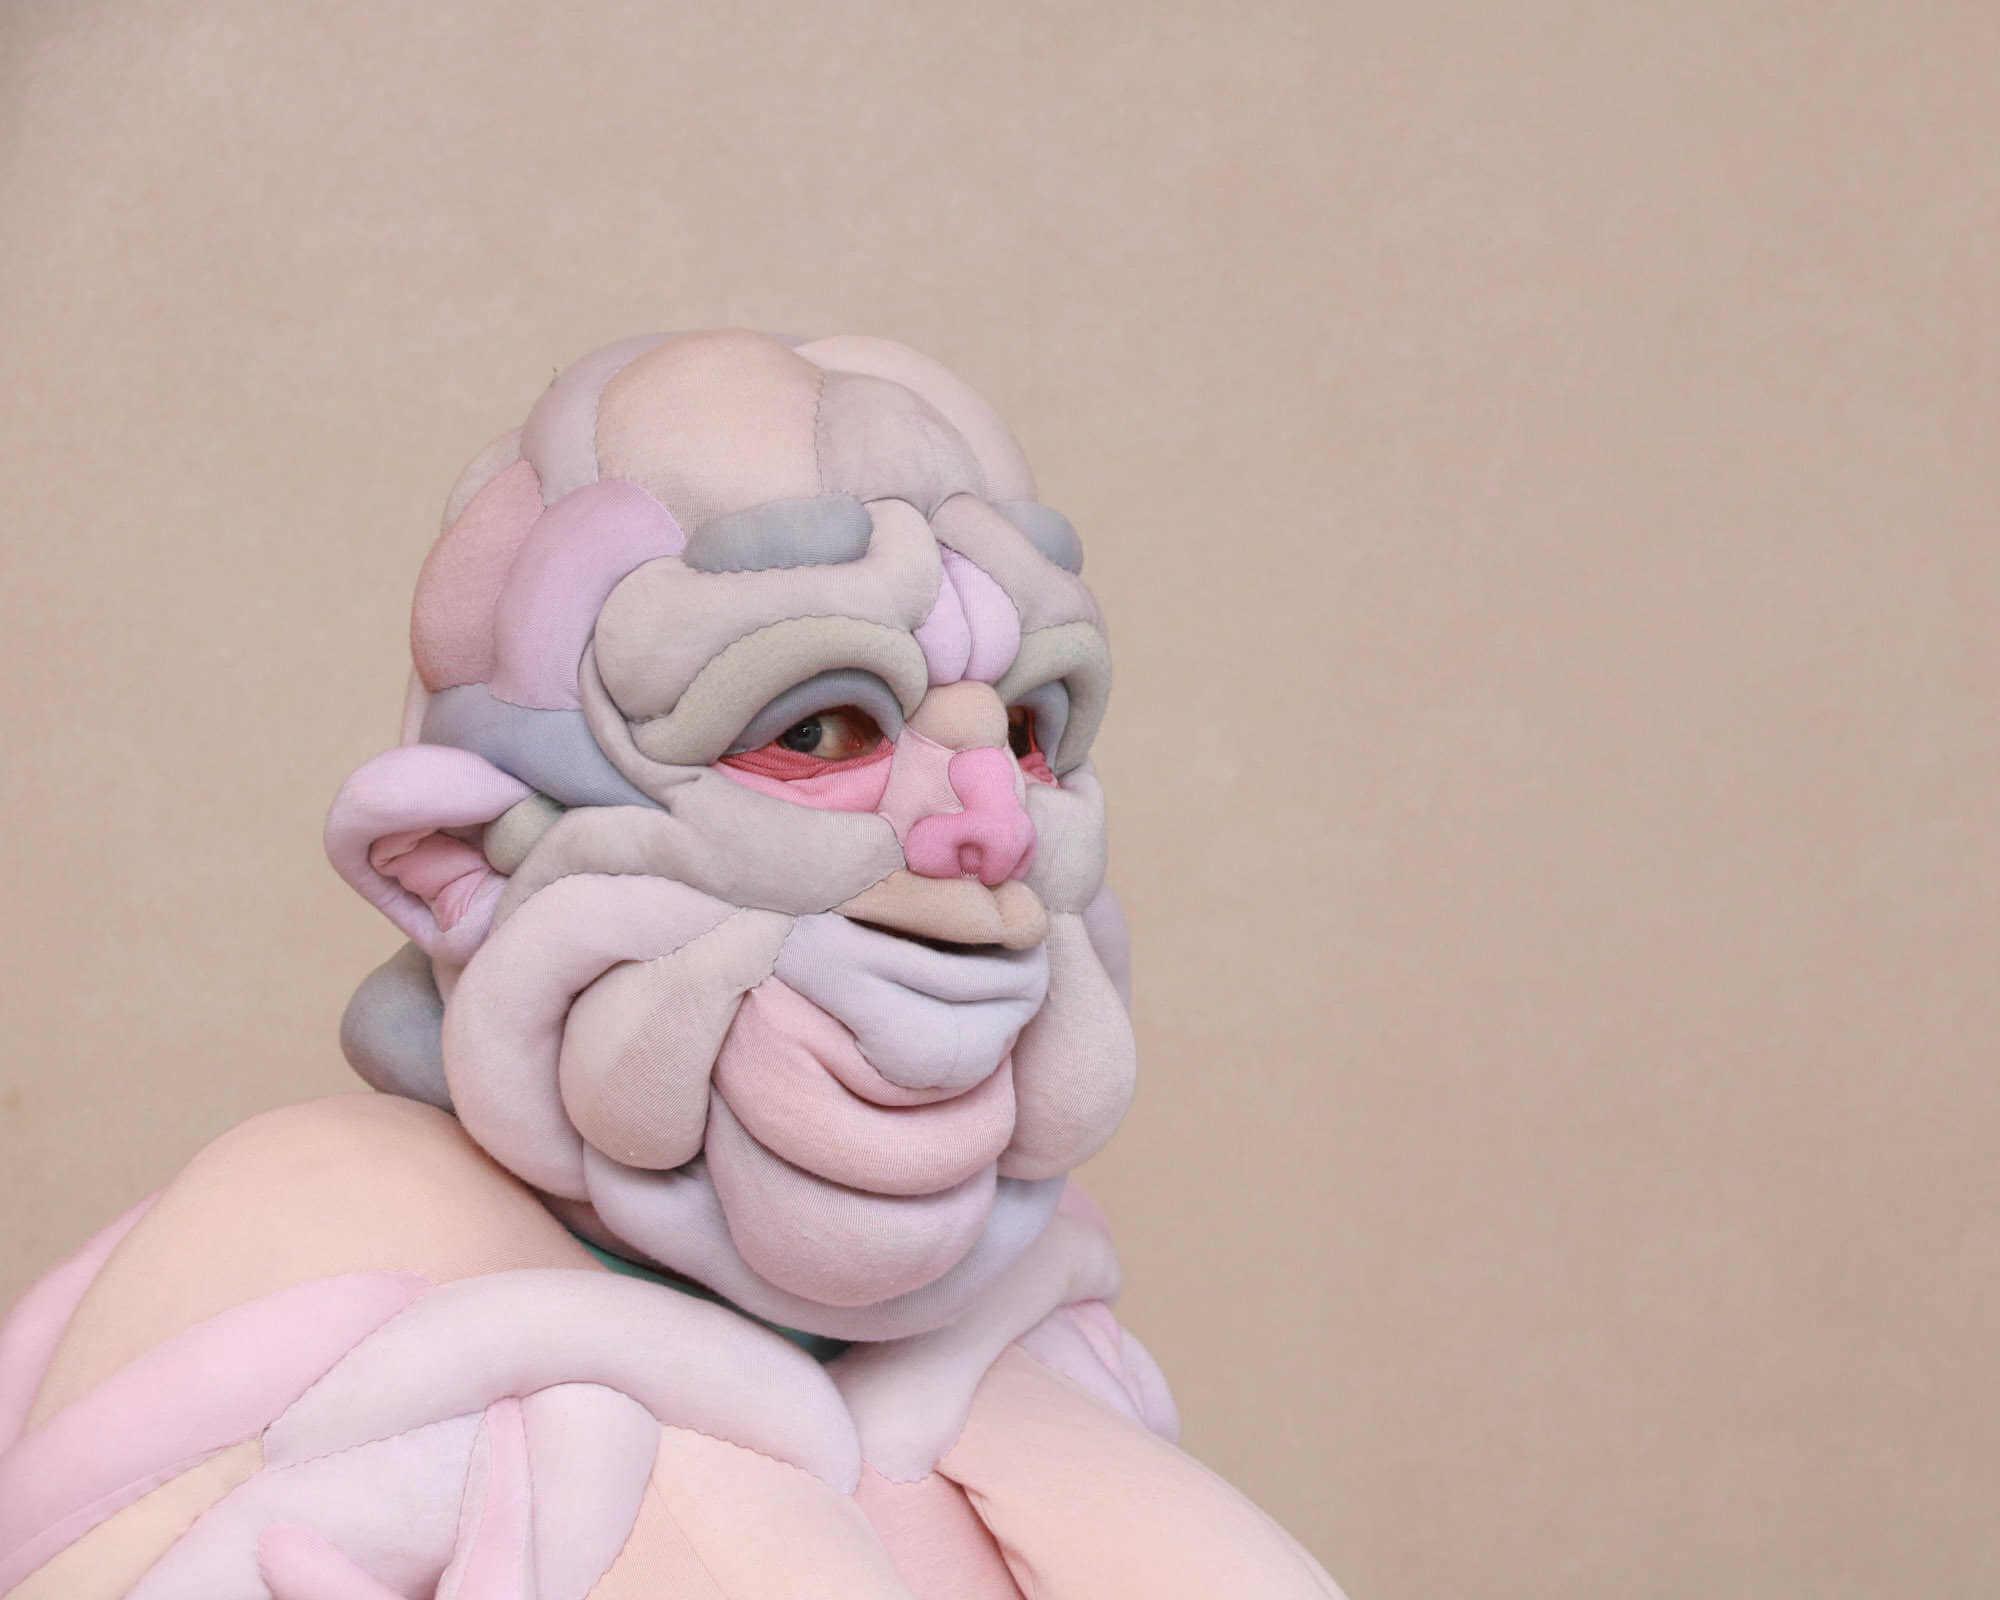 Parte superior de traje de espuma con forma de monstruo